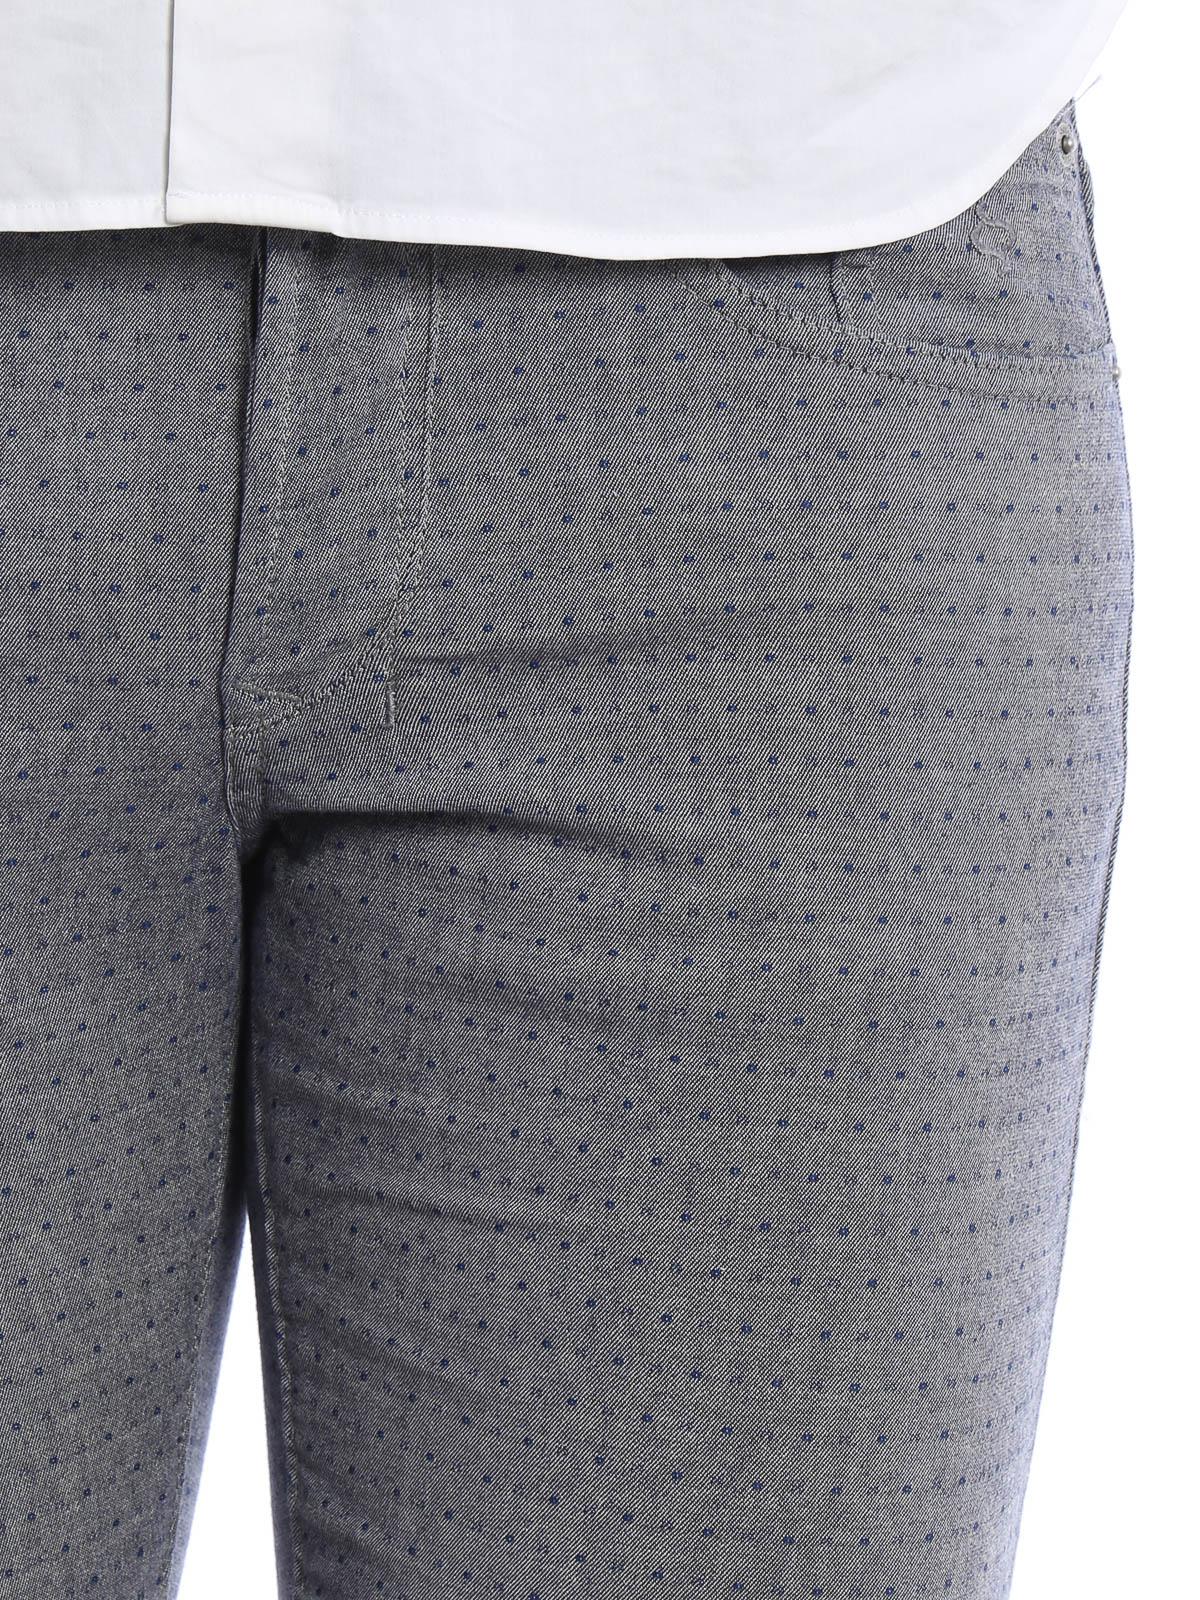 siviglia sale online, Siviglia Hose Damen Bekleidung Hosen